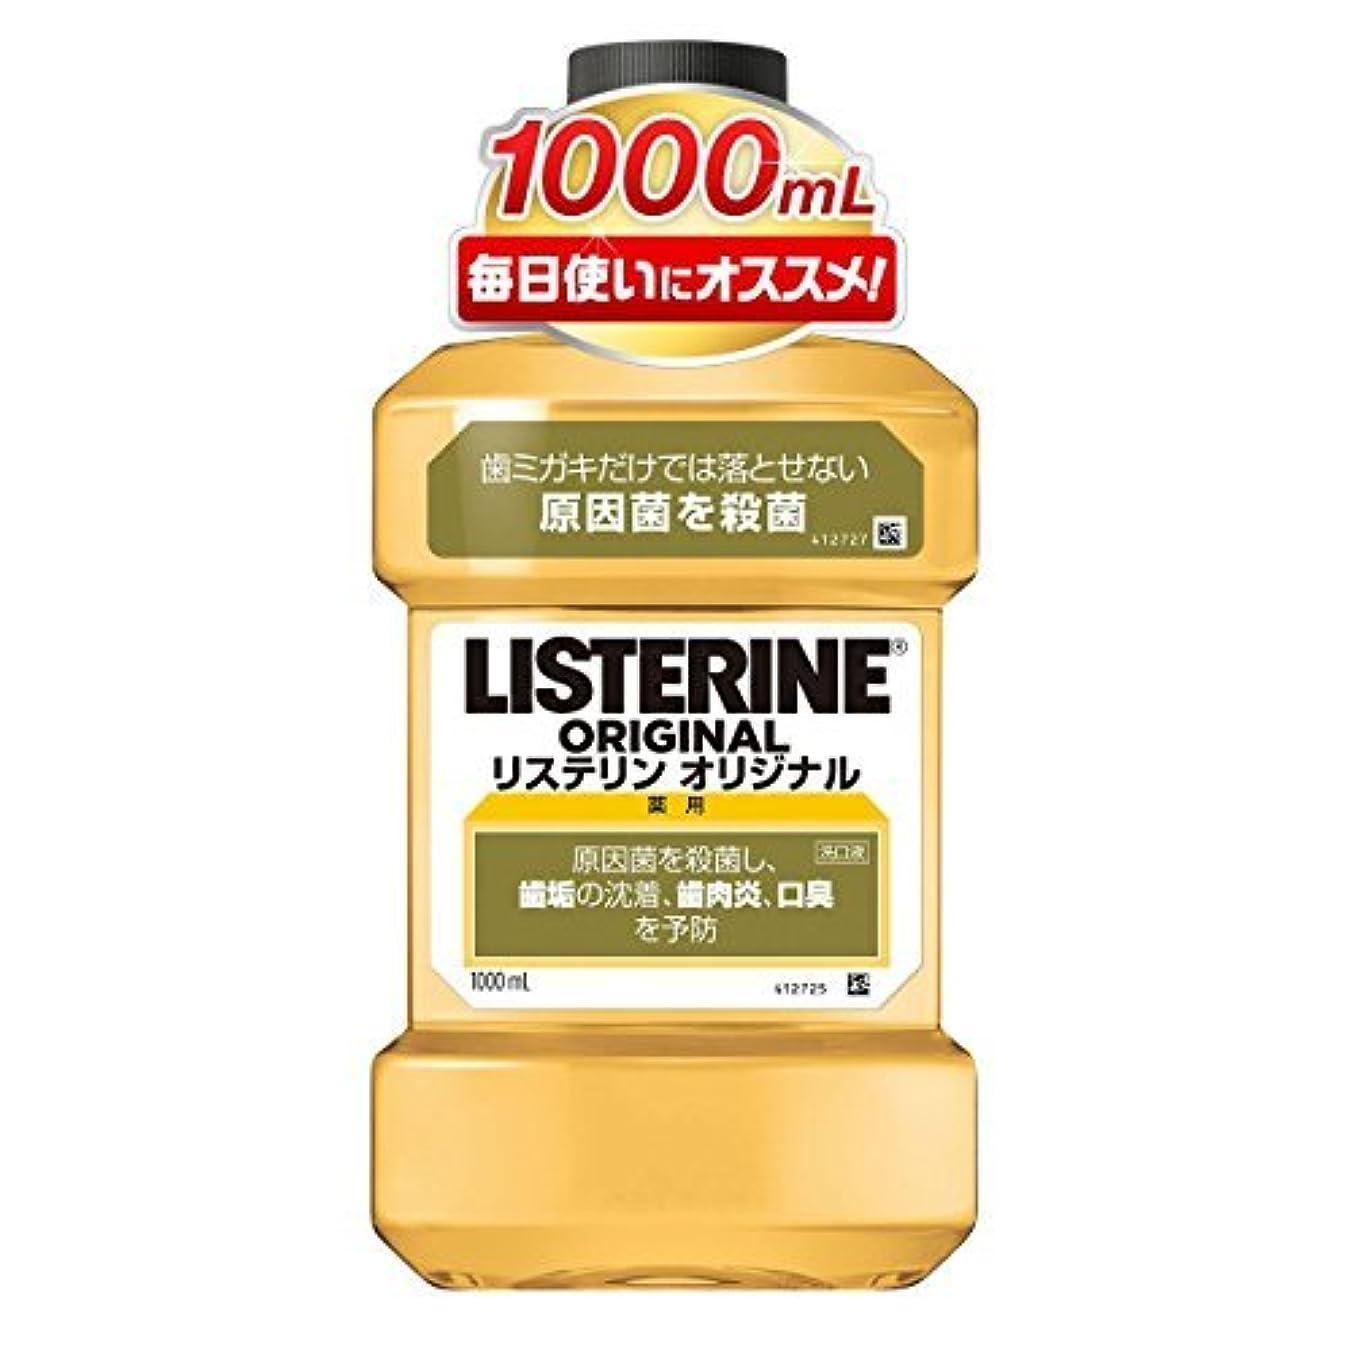 アンペア数学かどうか薬用リステリン オリジナル 1000ml ×6個セット